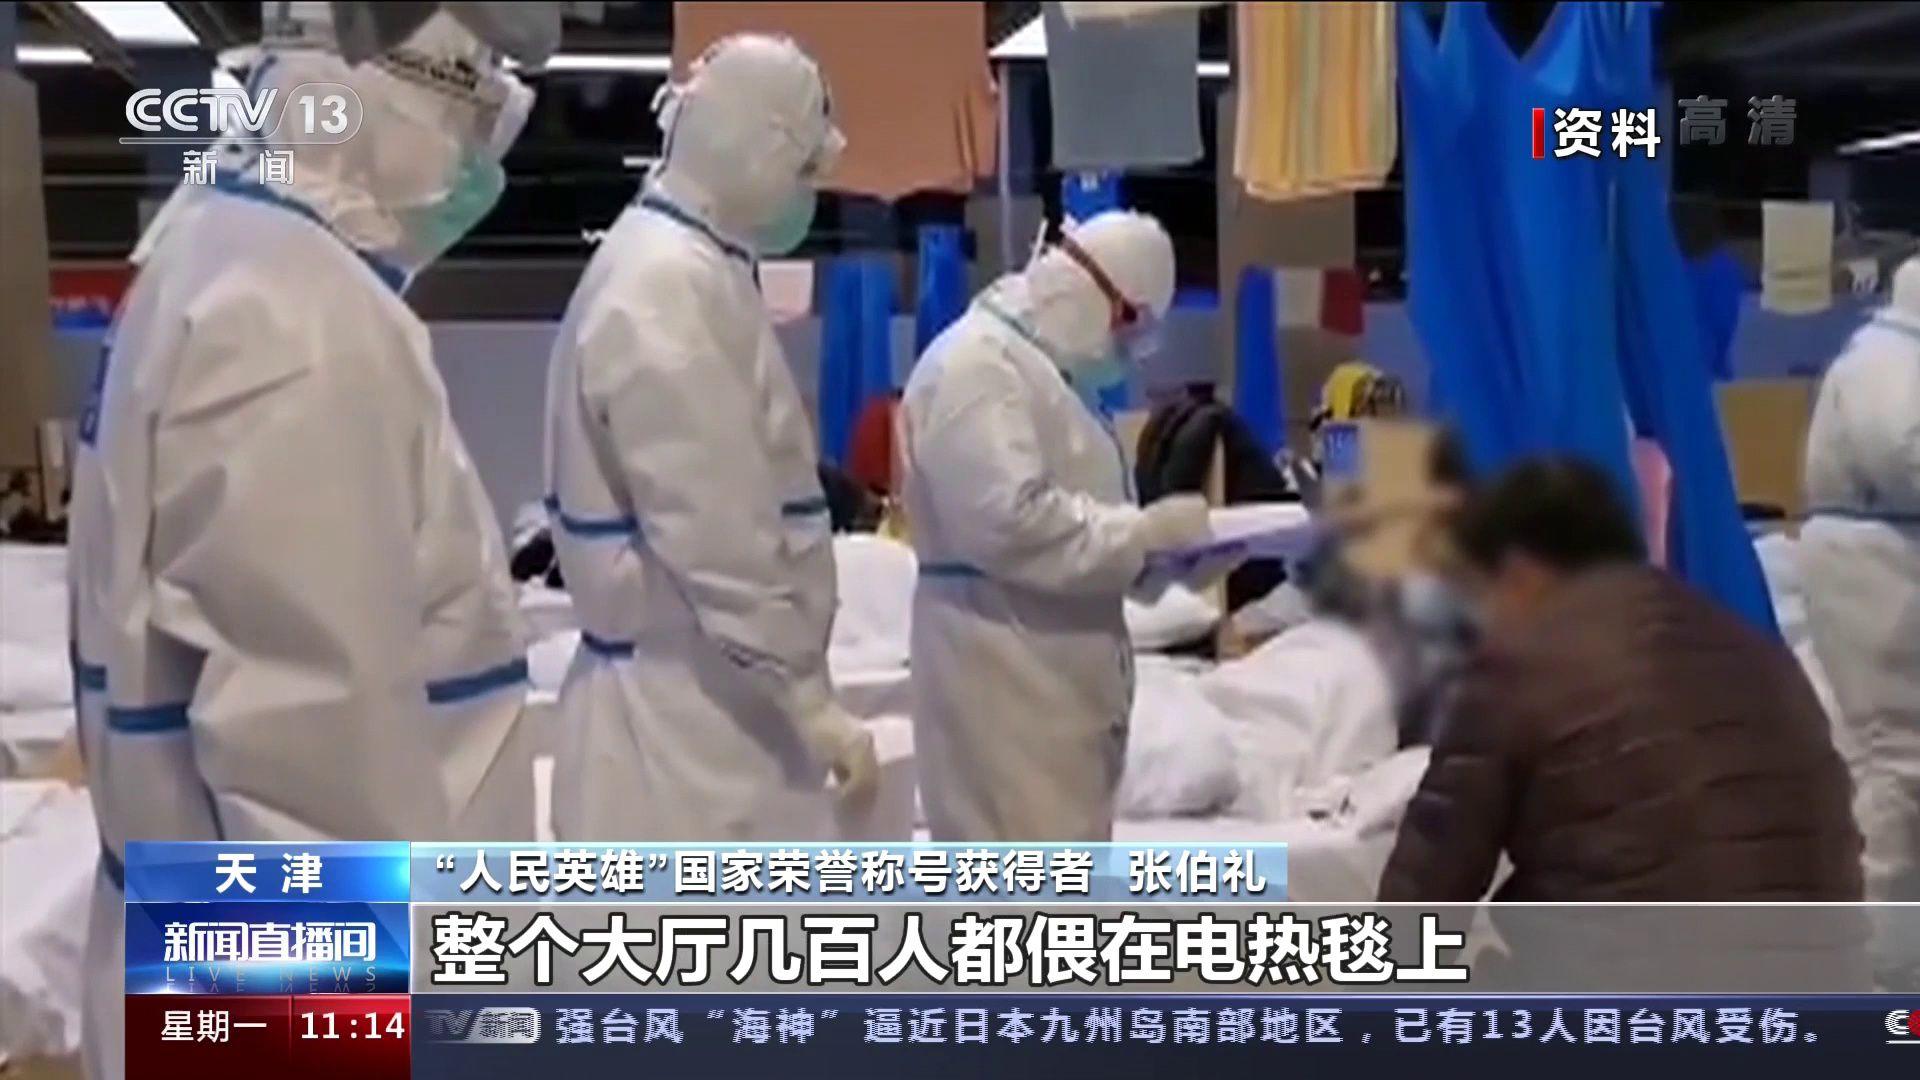 抗疫英雄谱丨中国工程院院士张伯礼:贤以弘德 术以辅仁